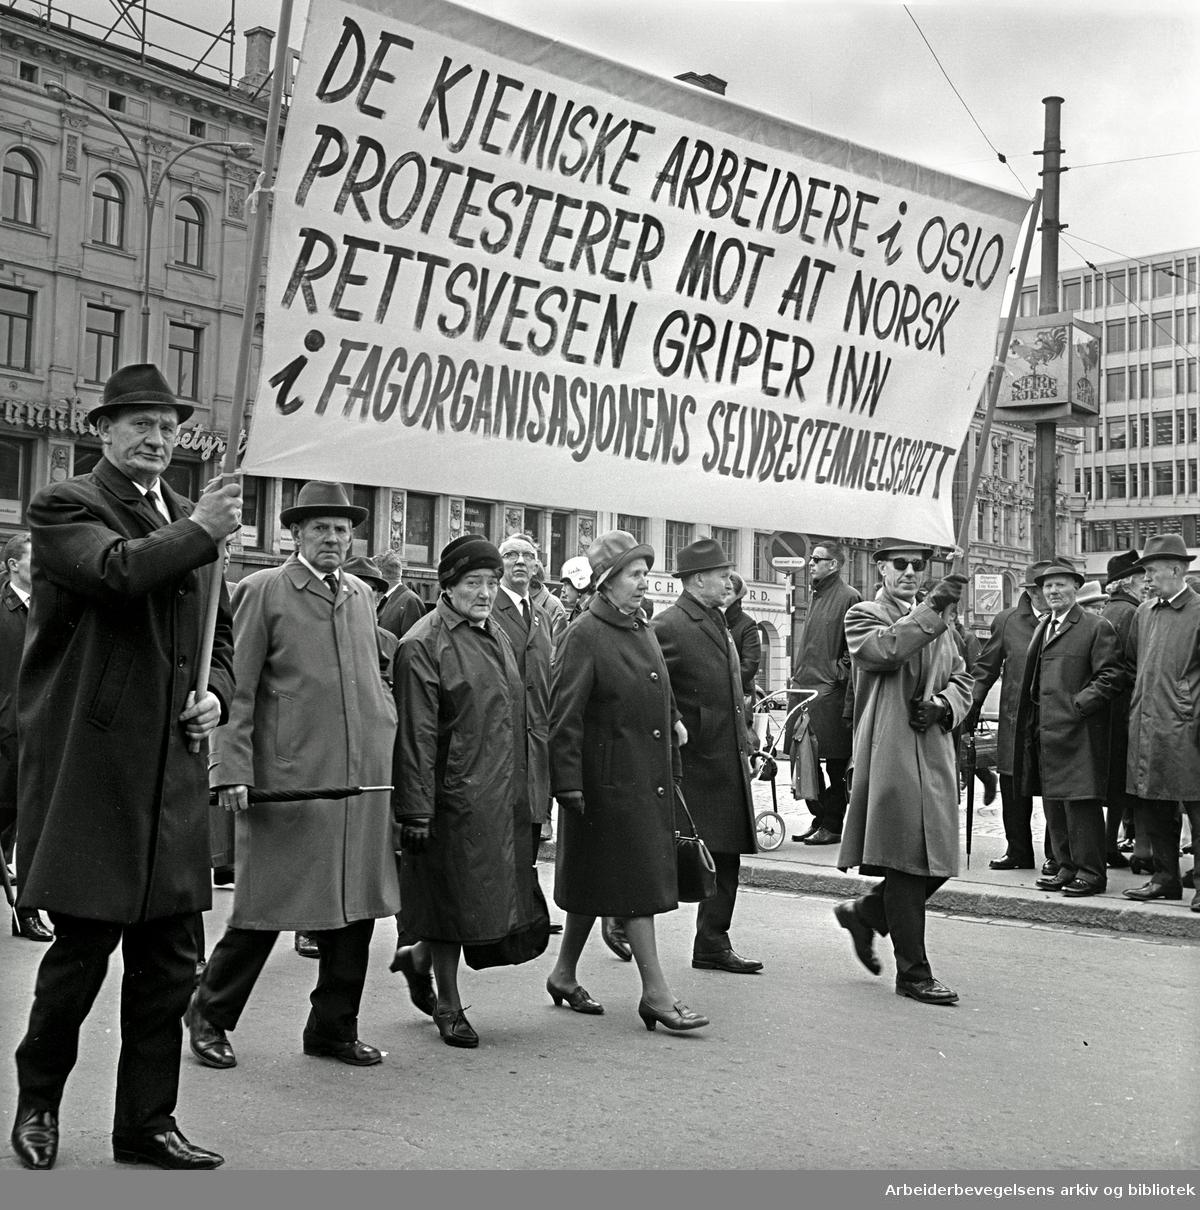 1. mai 1967 i Oslo.Demonstrasjonstoget.Parole: De kjemiske arbeidere i Oslo protesterer mot at norsk rettsvesen griper inn i fagorganisasjonens selvbestemmelsesrett